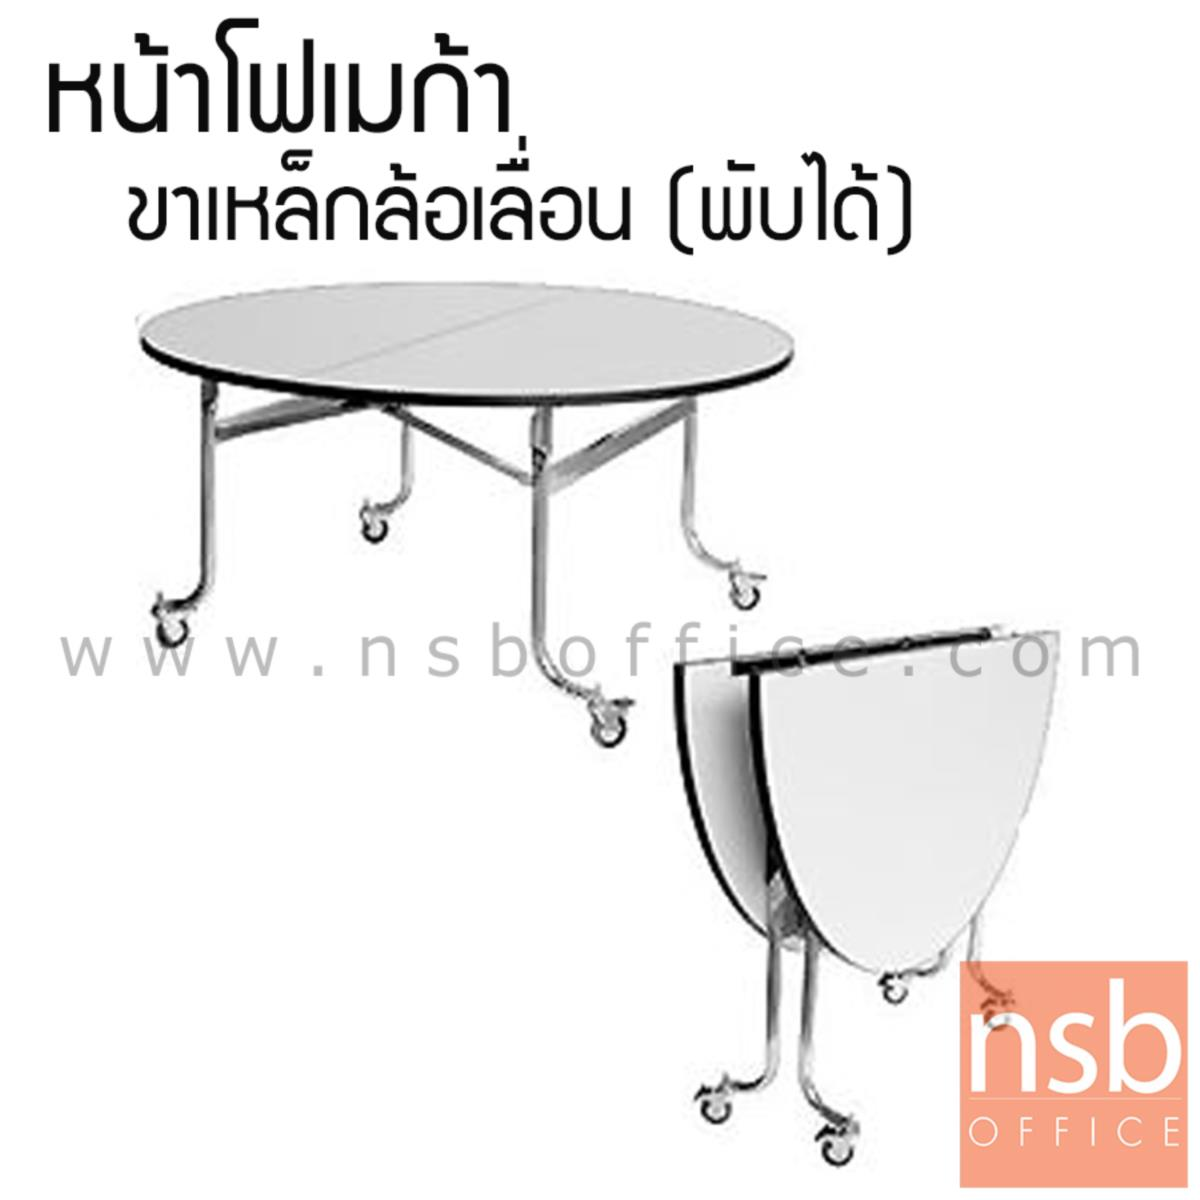 A07A013:โต๊ะพับหน้าโฟเมก้าขาวล้อเลื่อน 25 มม. รุ่น Blakely (เบล็กลี่) ขนาด 4 ,5 ,6 ฟุต ขอบอลูมิเนียม ขาเหล็กชุบโครเมี่ยม